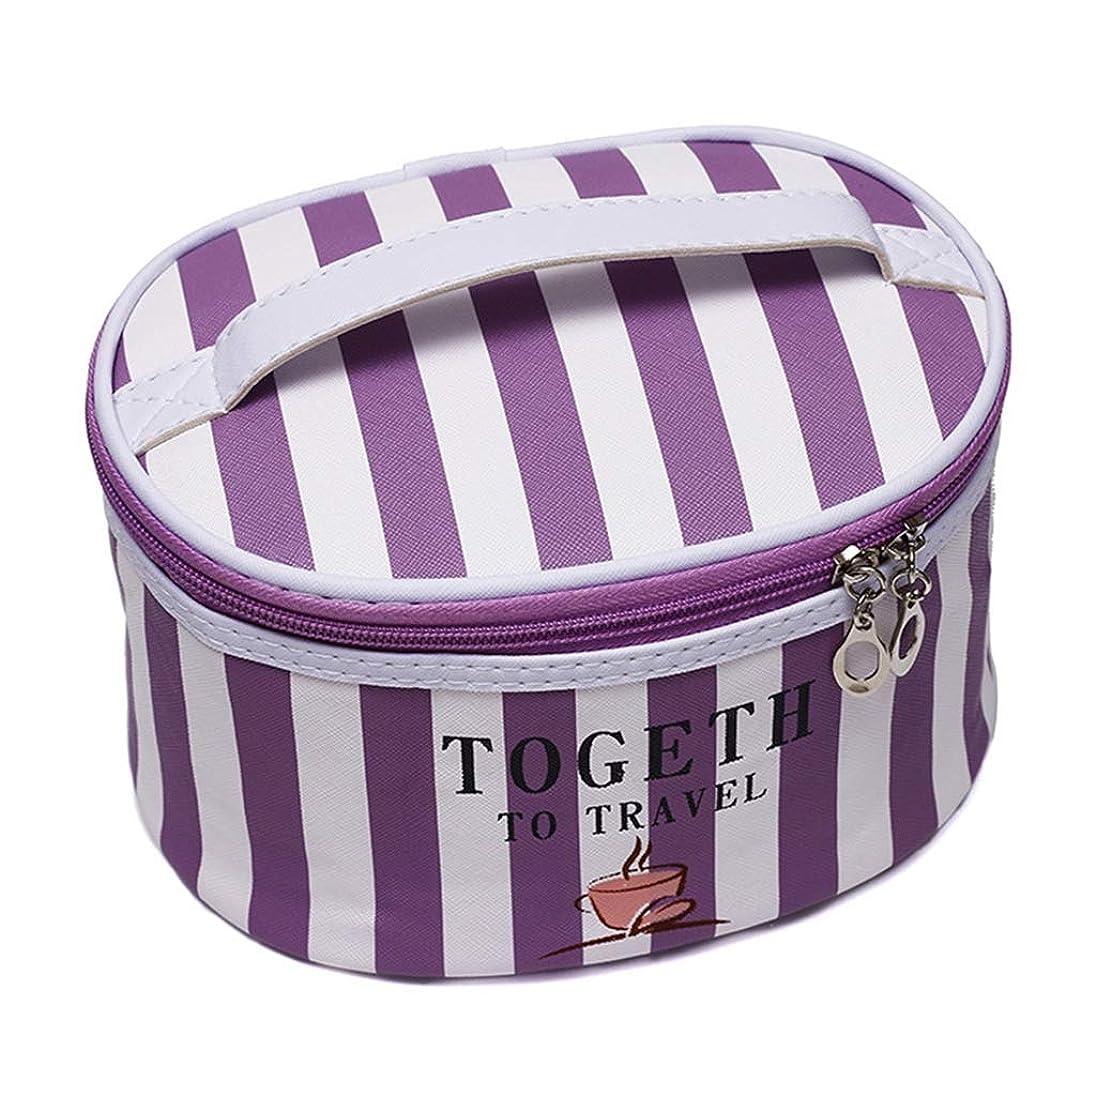 [テンカ]メイクボックス バニティポーチ 化粧ポーチ コスメバッグ 紫 鏡付き 大容量 小物収納 軽量 機能的 旅行用 プレゼント 携帯用 かわいい 出張用 防水 ウォッシュバッグ